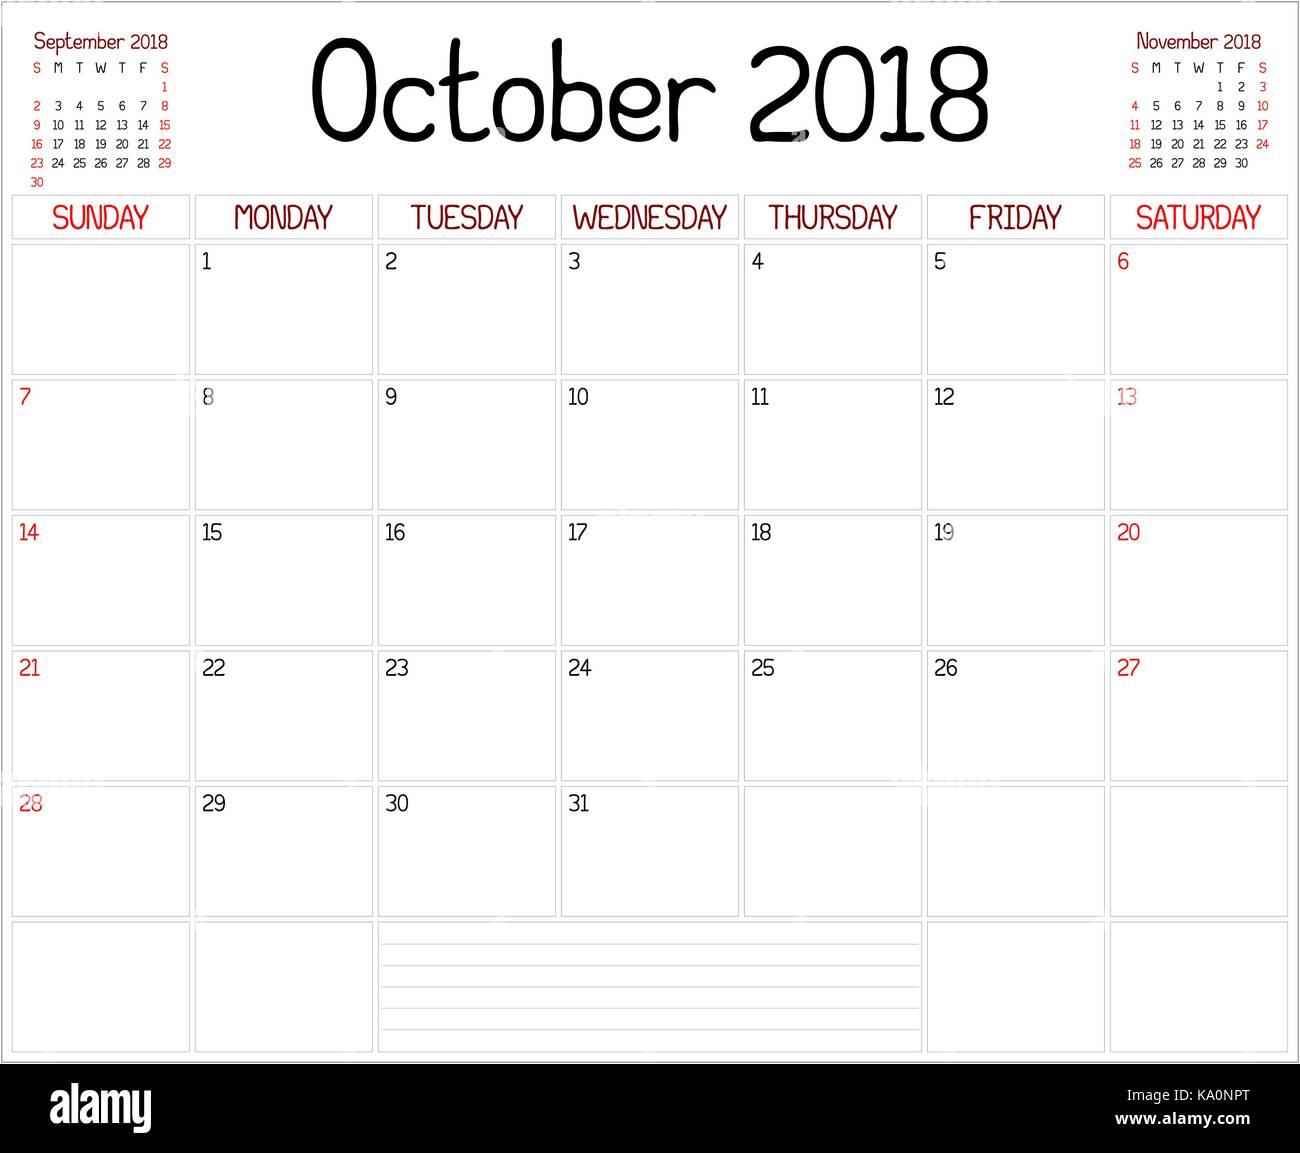 8040da7597947 Año 2018 Octubre Planner - un calendario Planificador mensual para octubre  de 2018 en blanco. Un estilo personalizado se utiliza manuscrita.